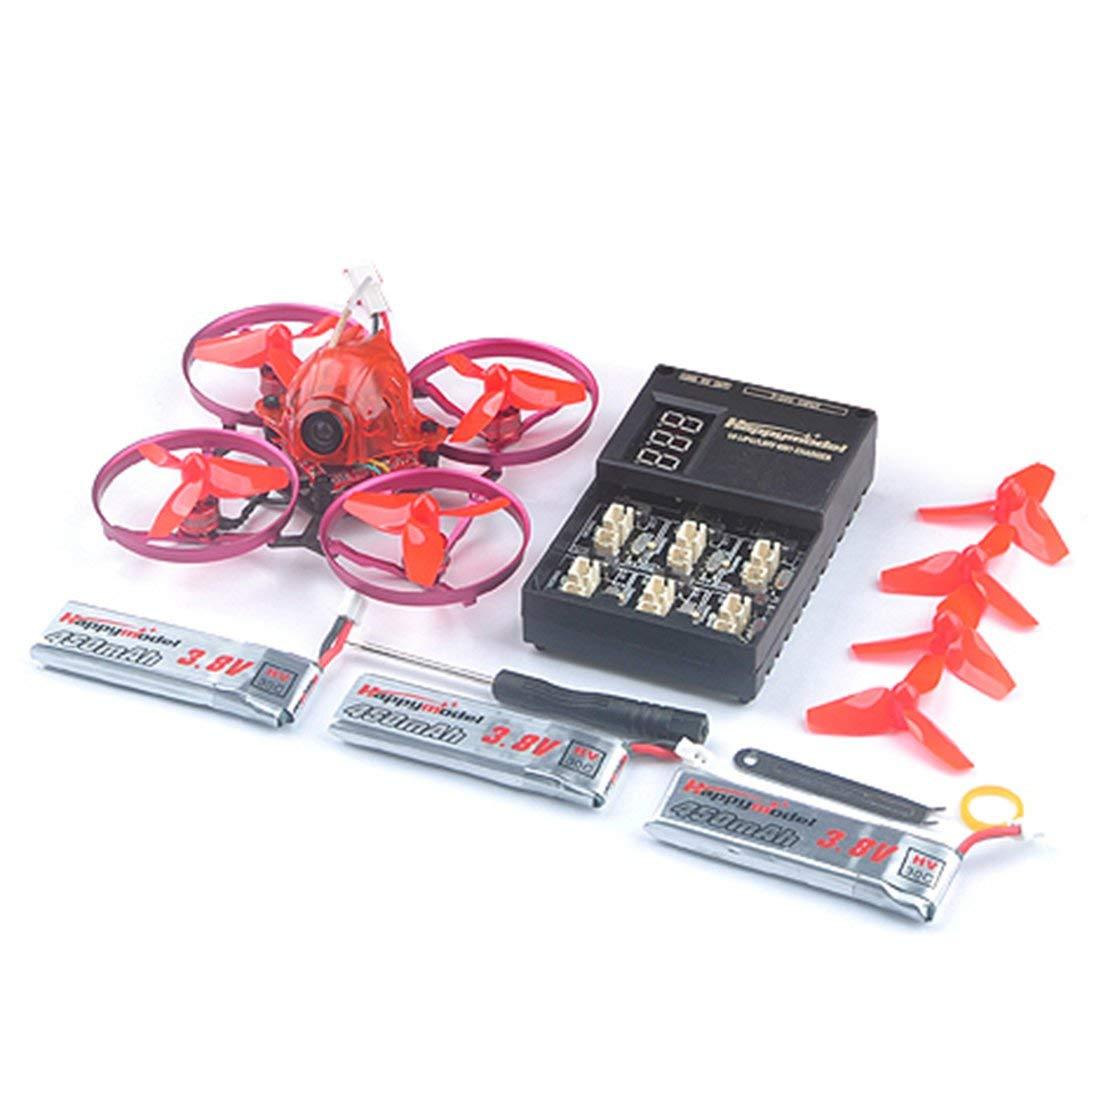 nueva gama alta exclusiva CHANNIKO-ES Happymodel Snapper7 Sin escobillas Whoopi Whoopi Whoopi Tres baterías Aviones BNF Micro 75mm FPV Quadcopter 4en1 Crazybee F3 FC Flysky Receptor  ofrecemos varias marcas famosas